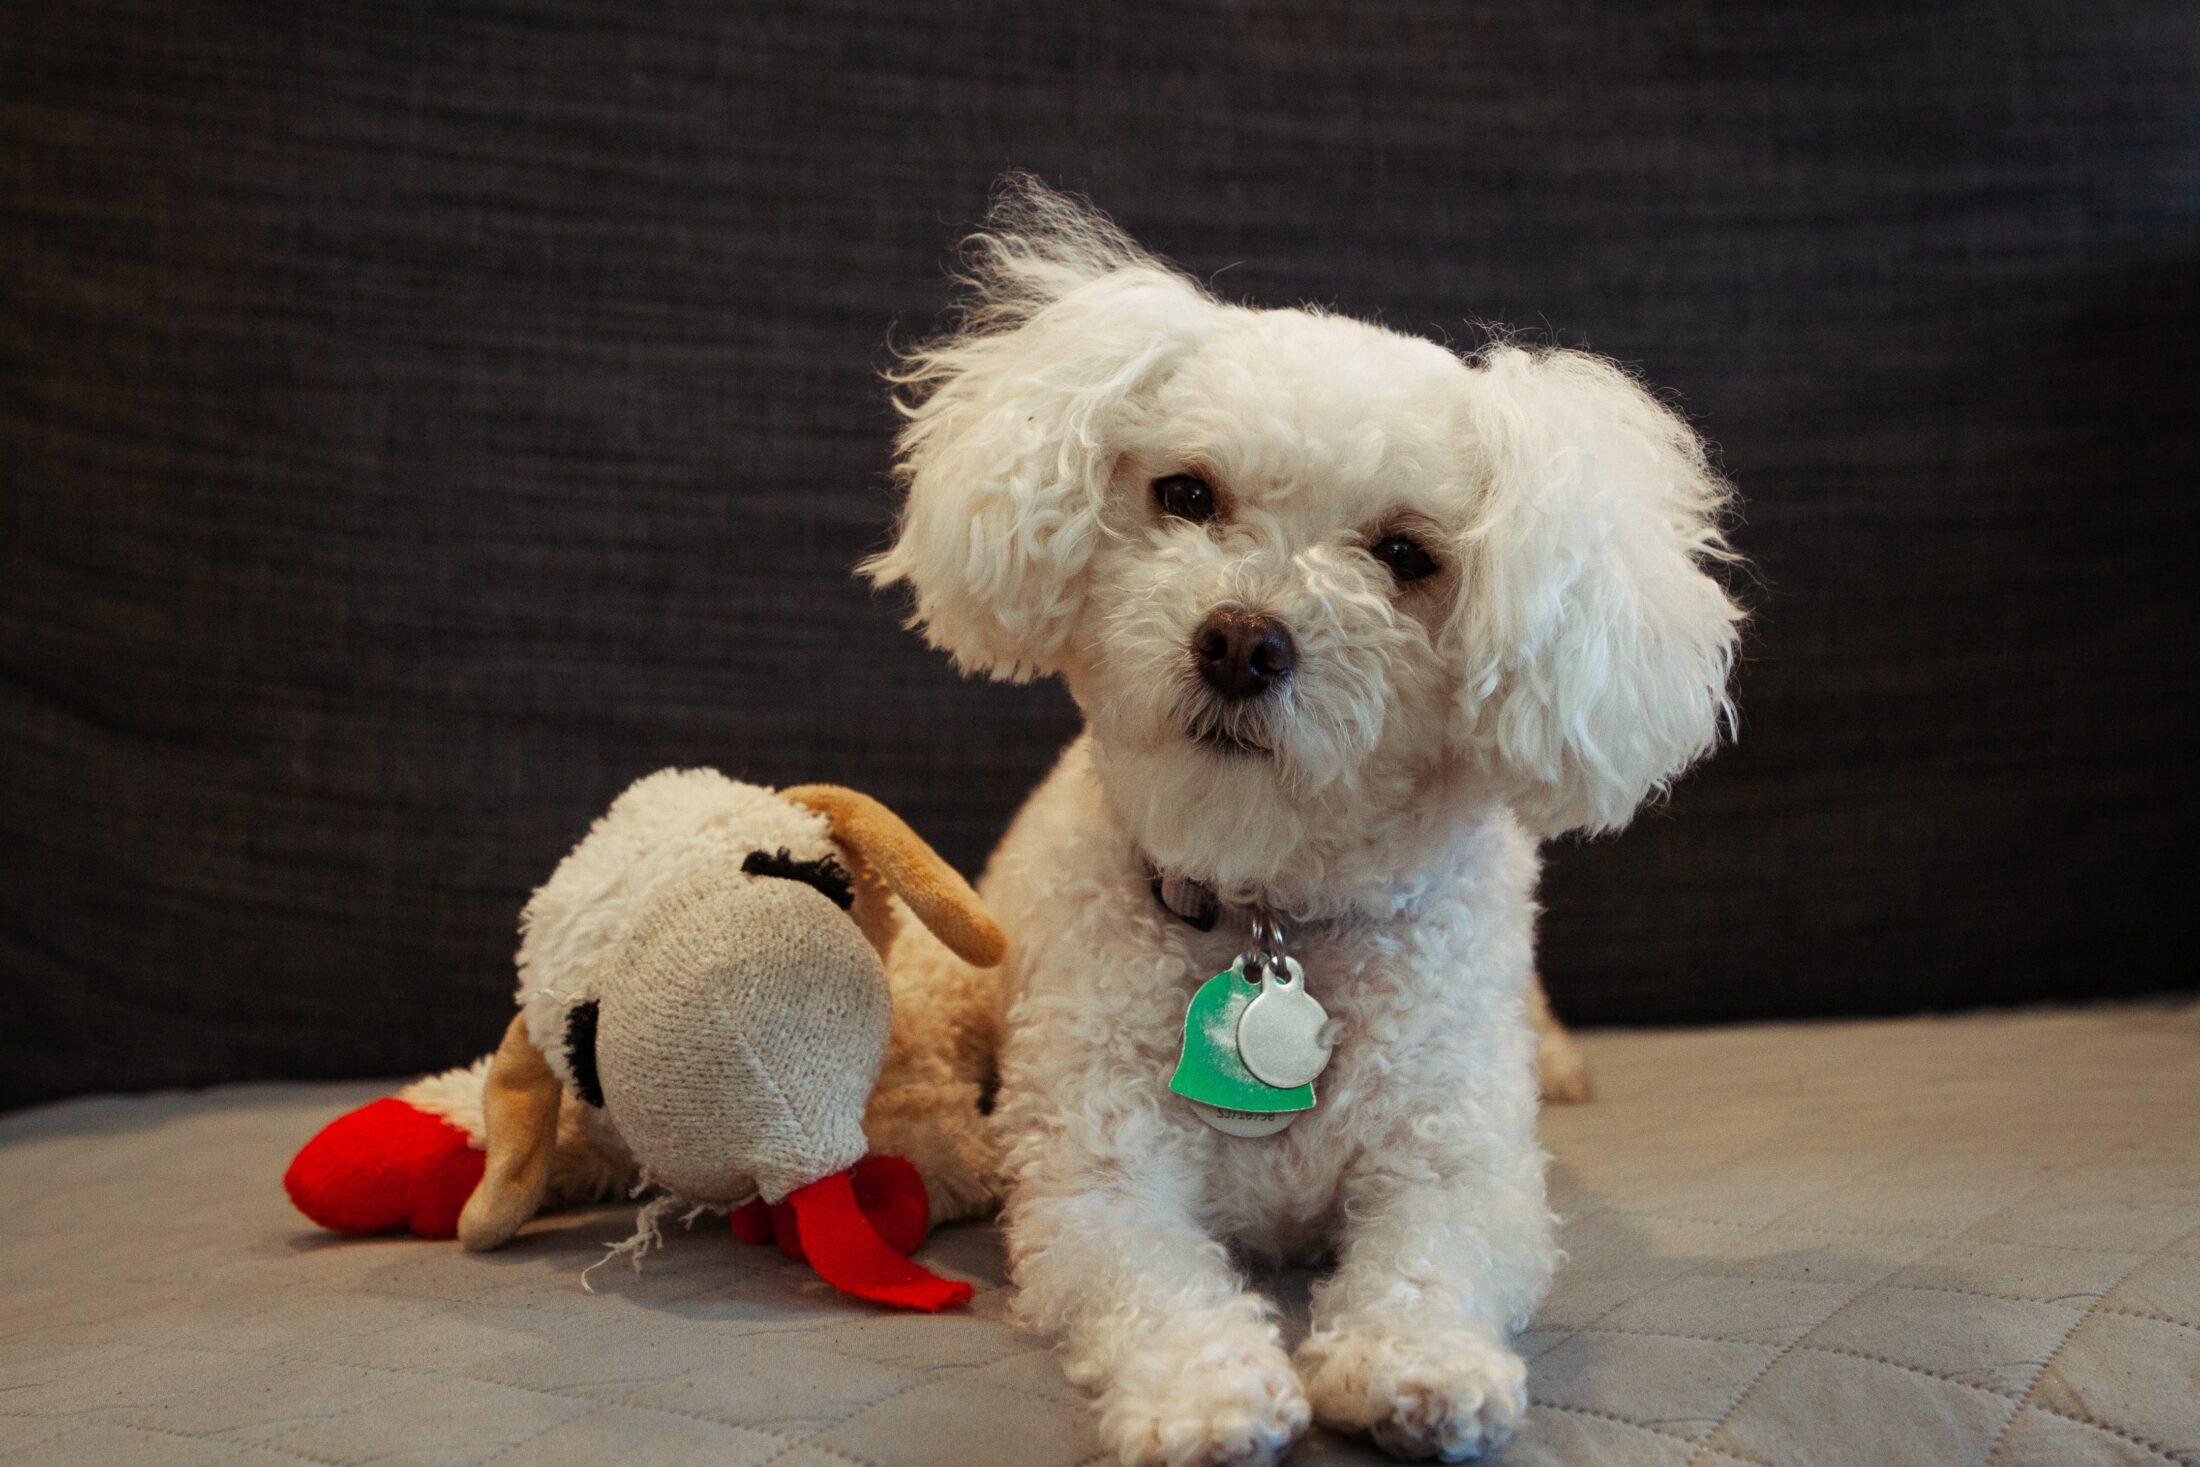 cachorro com brinquedo de pelúcia ao seu lado no chão.